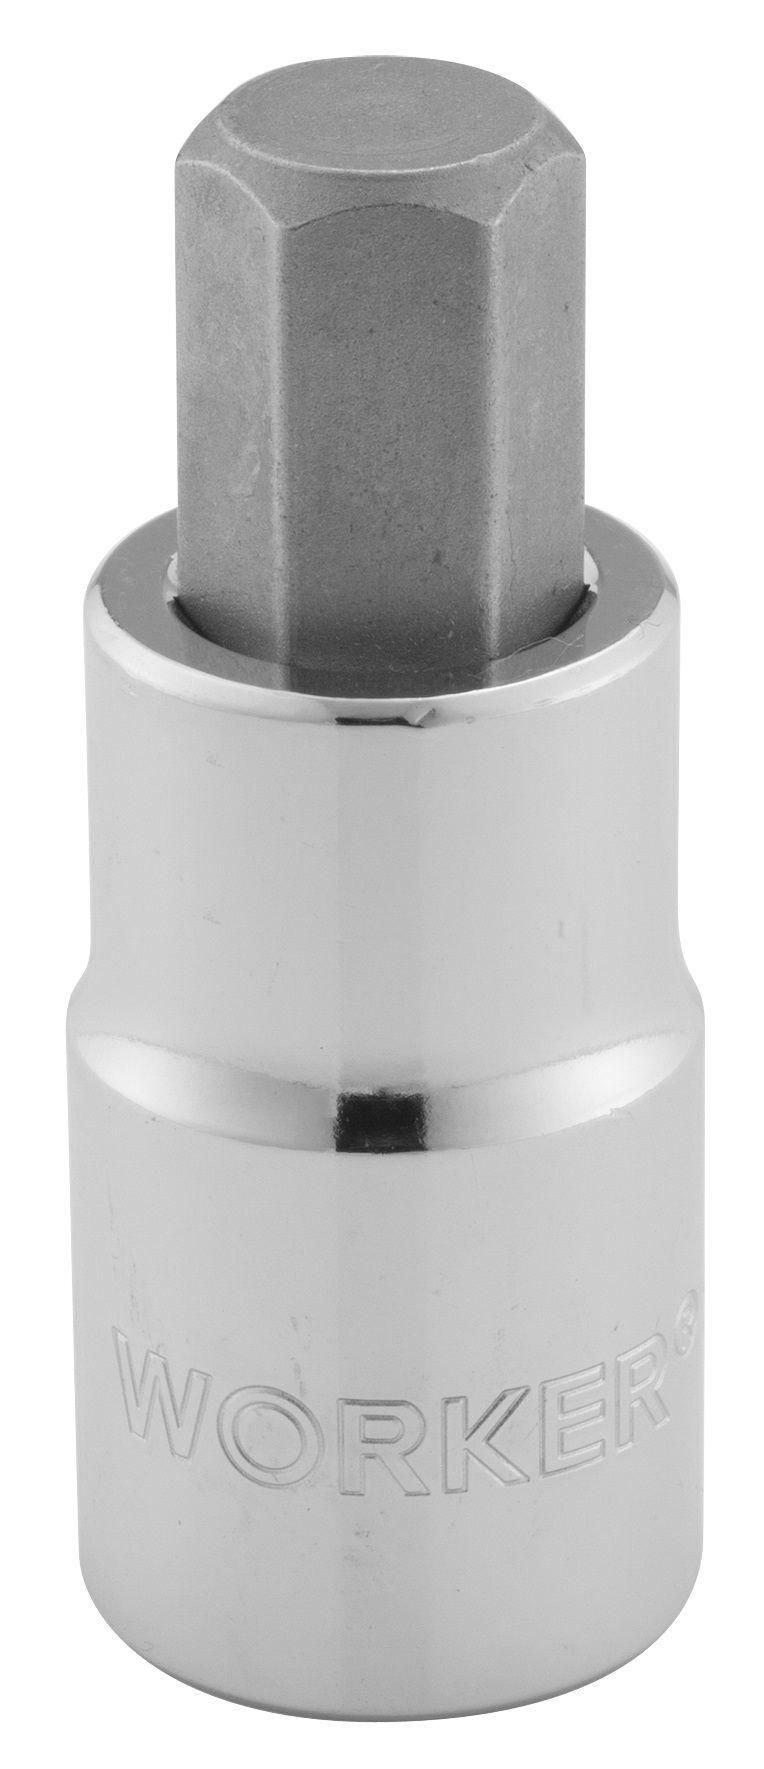 Chave Soquete Encaixe de 1/2 Hexagonal Medida 17mm Worker